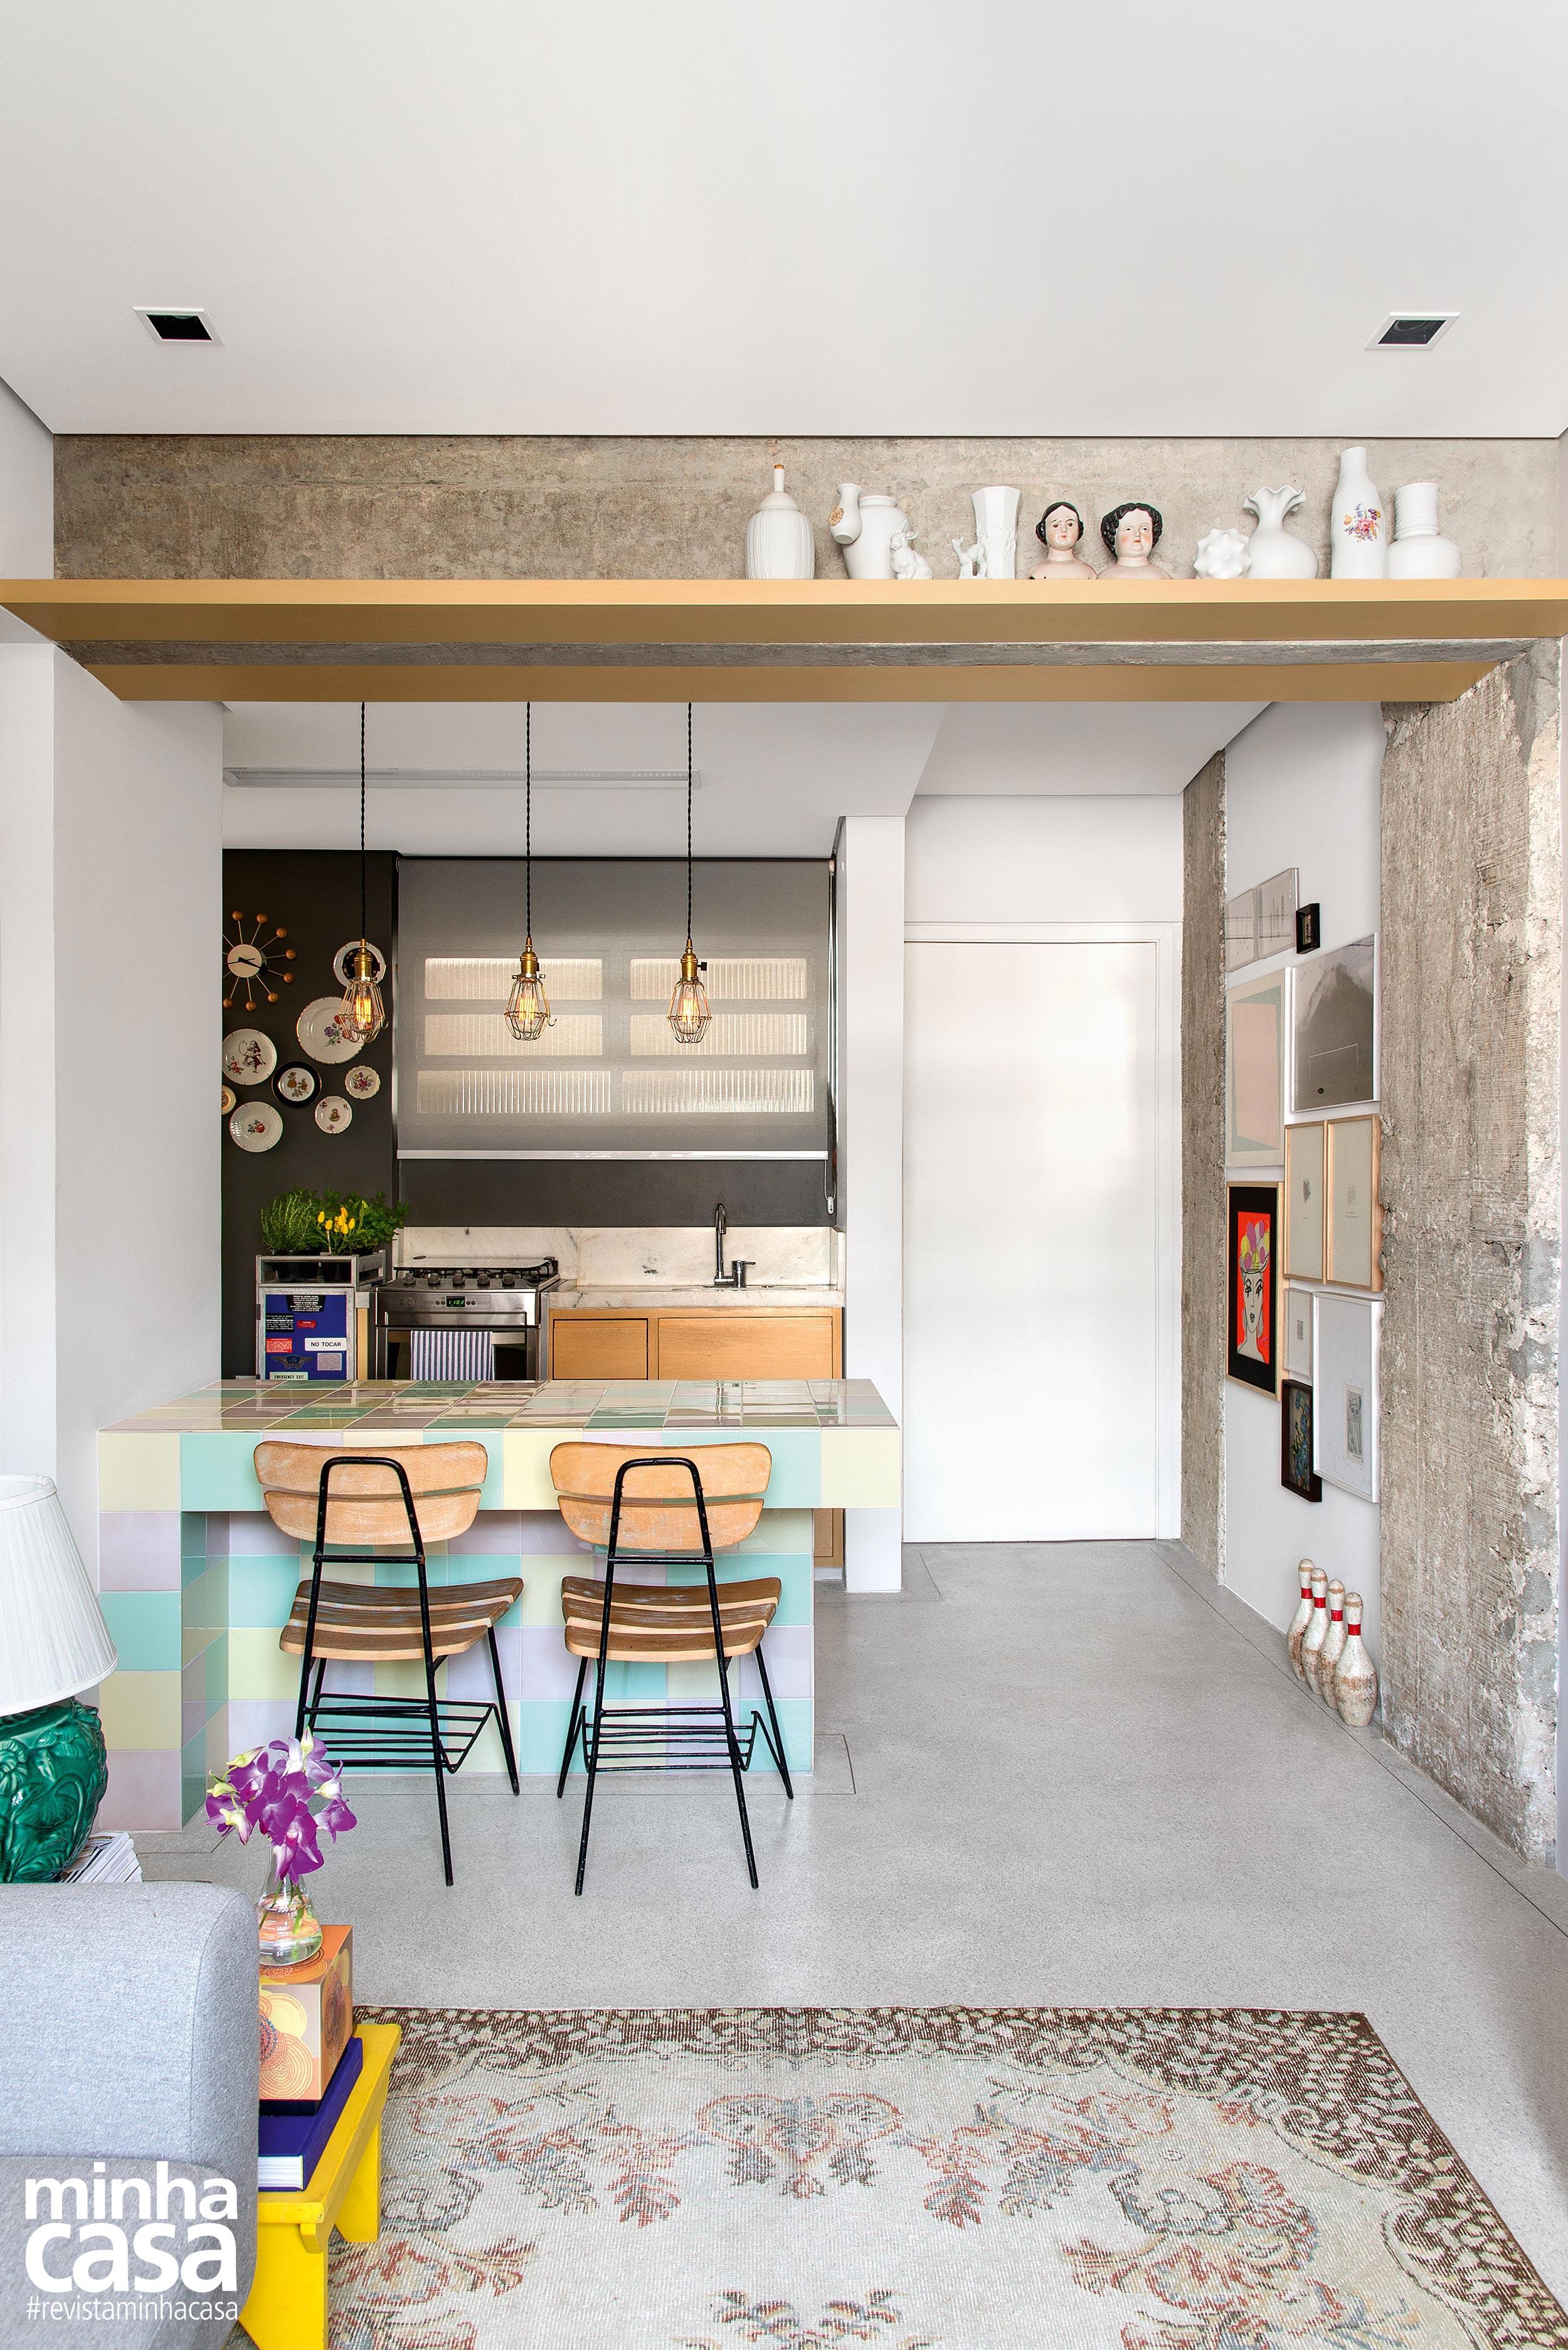 Cozinha integrada com bancada em candy colors